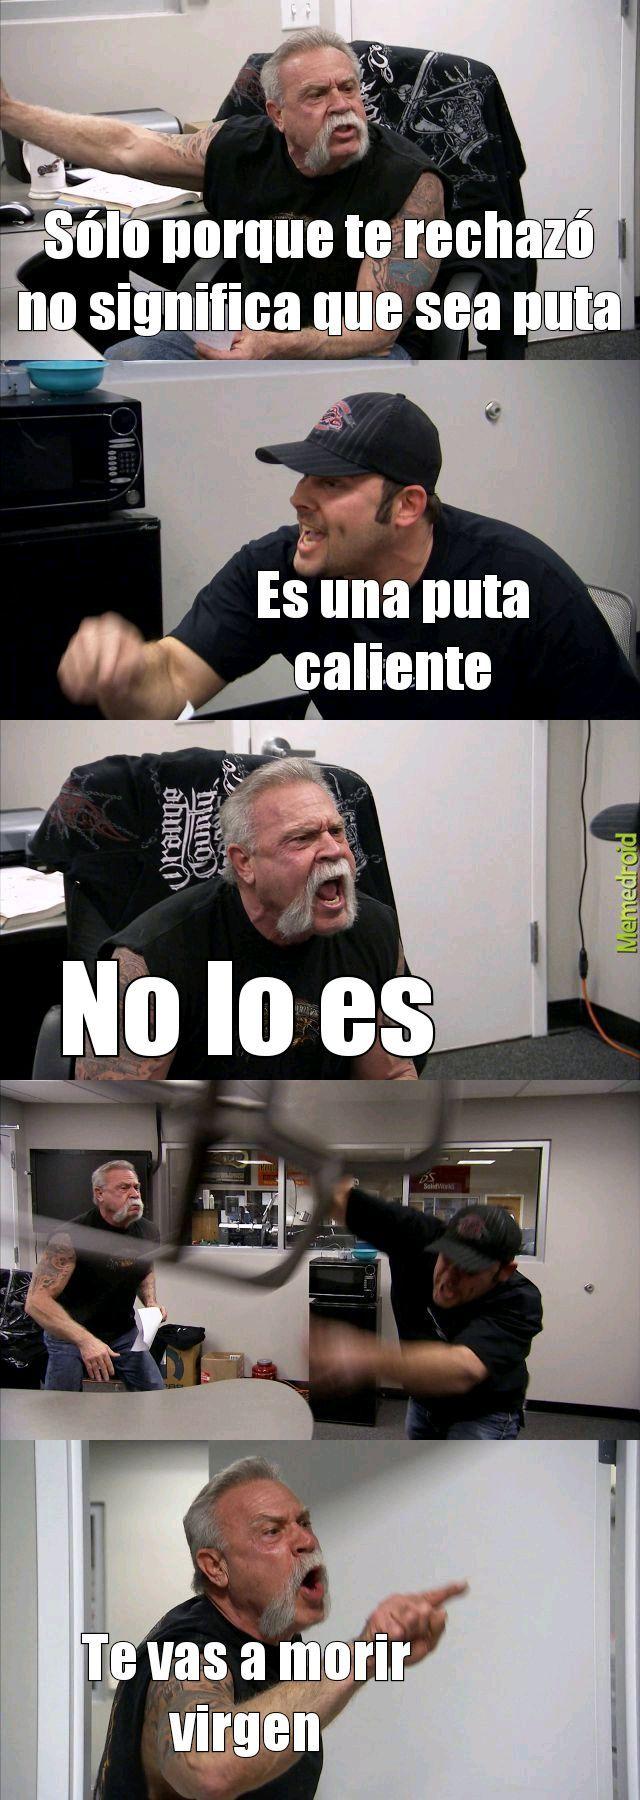 Entiedan - meme